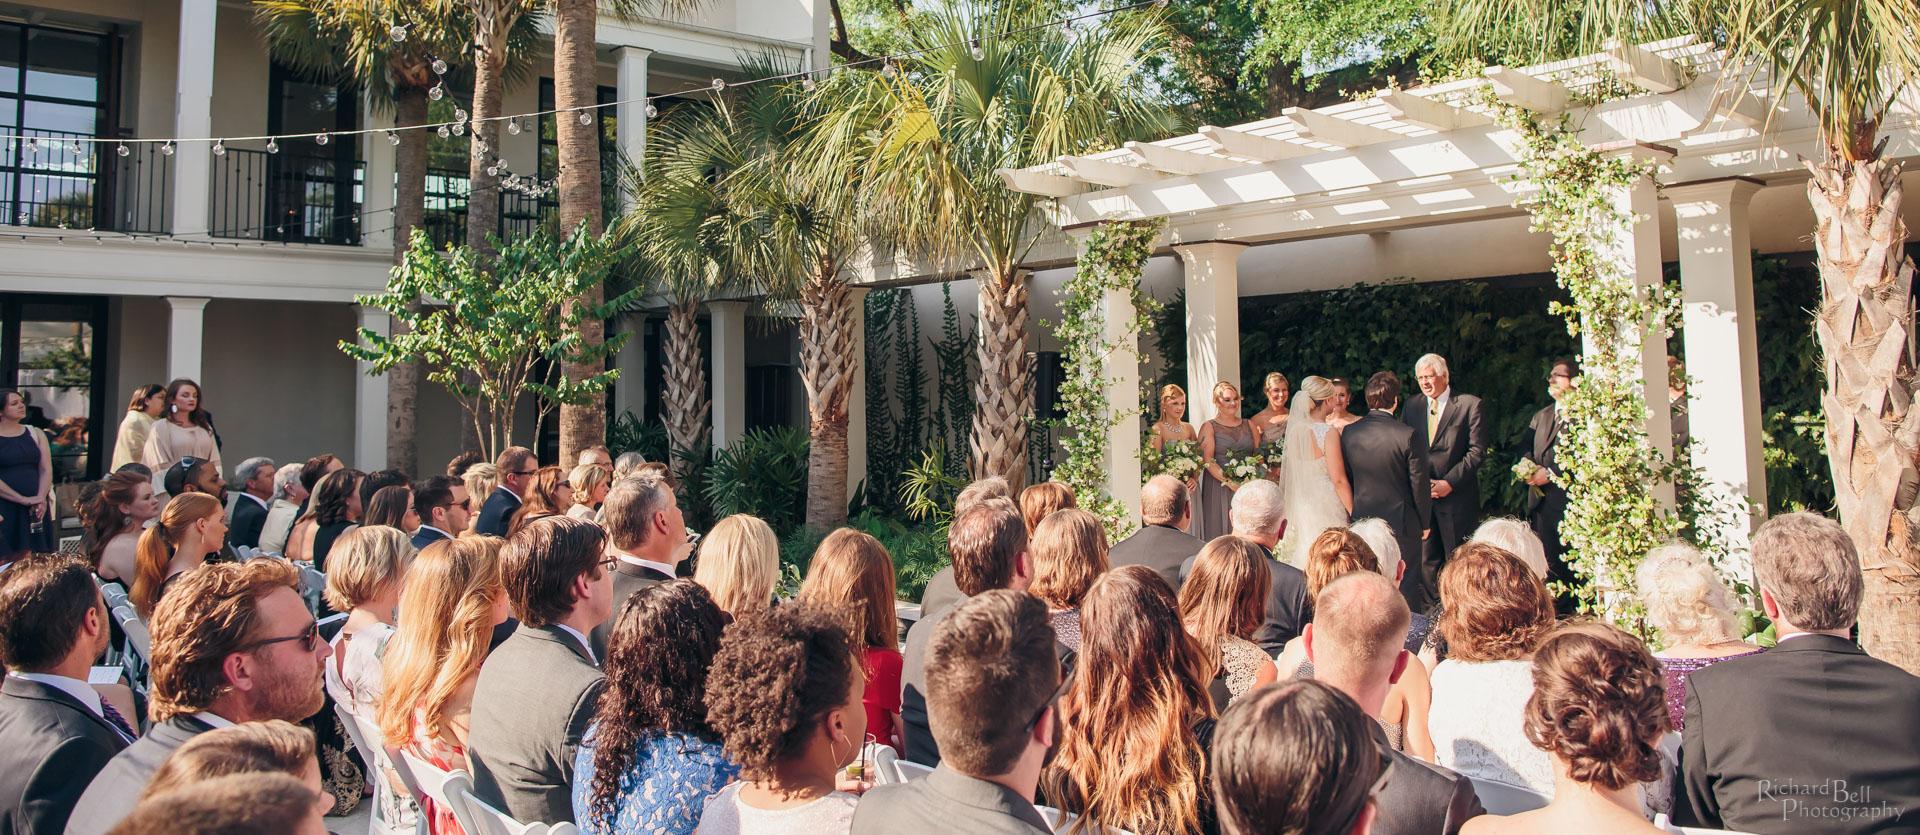 Rasmussen Ceremony